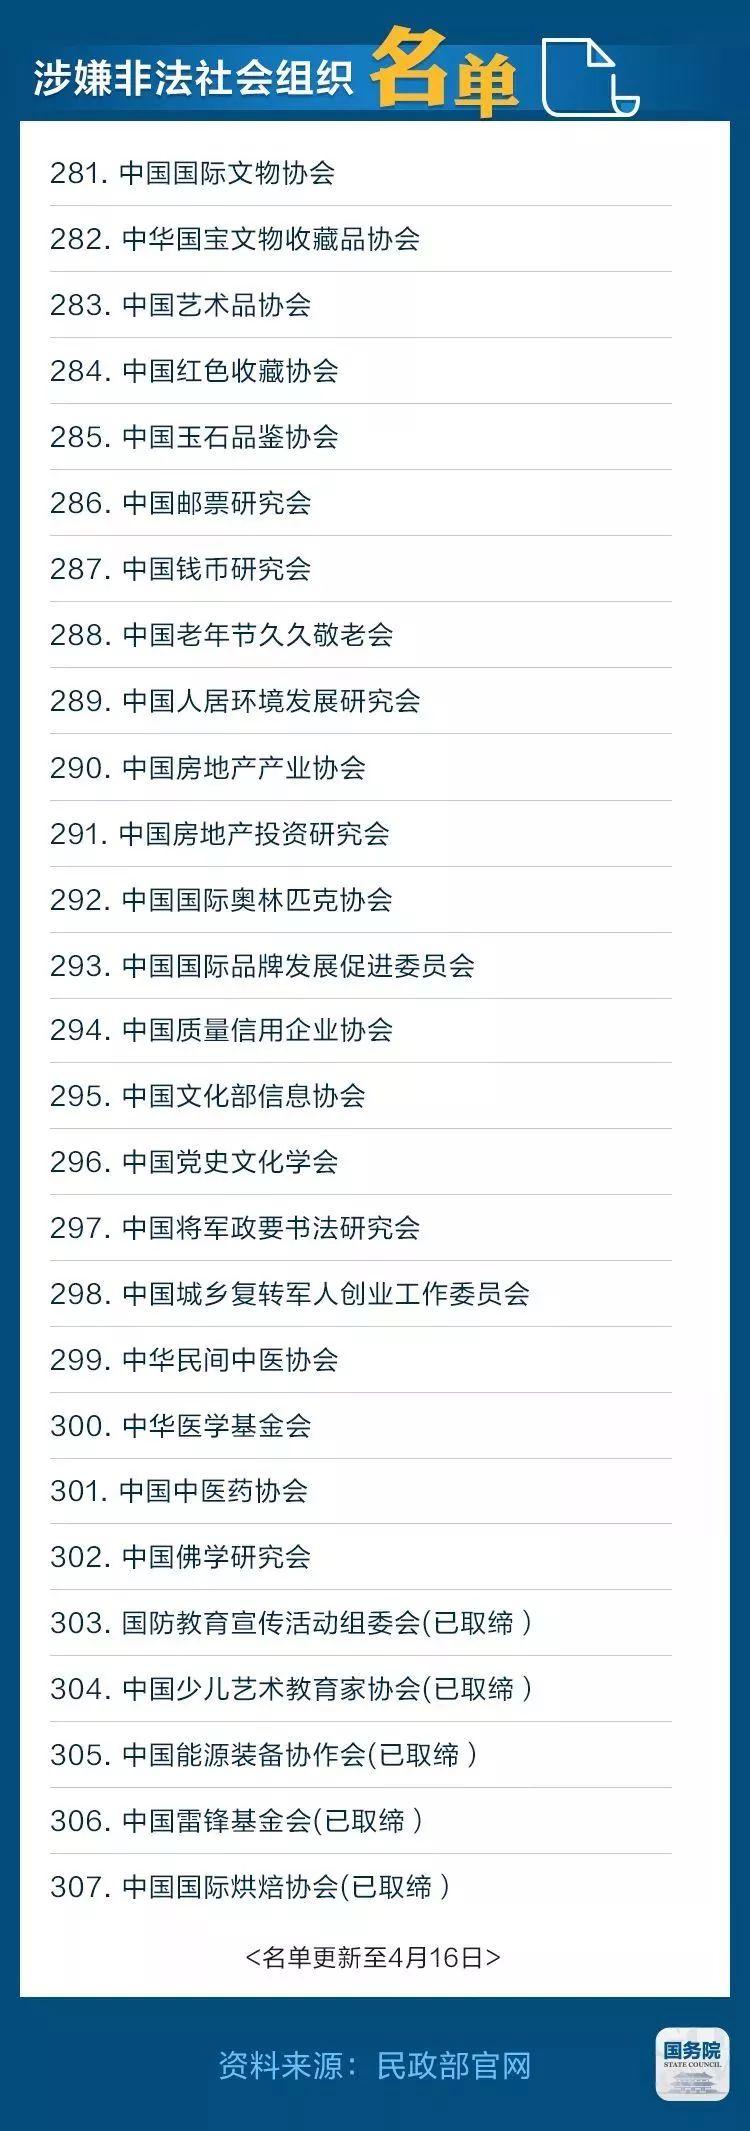 中国建筑业联合会等被认定为涉嫌非法组织,别上当!_11